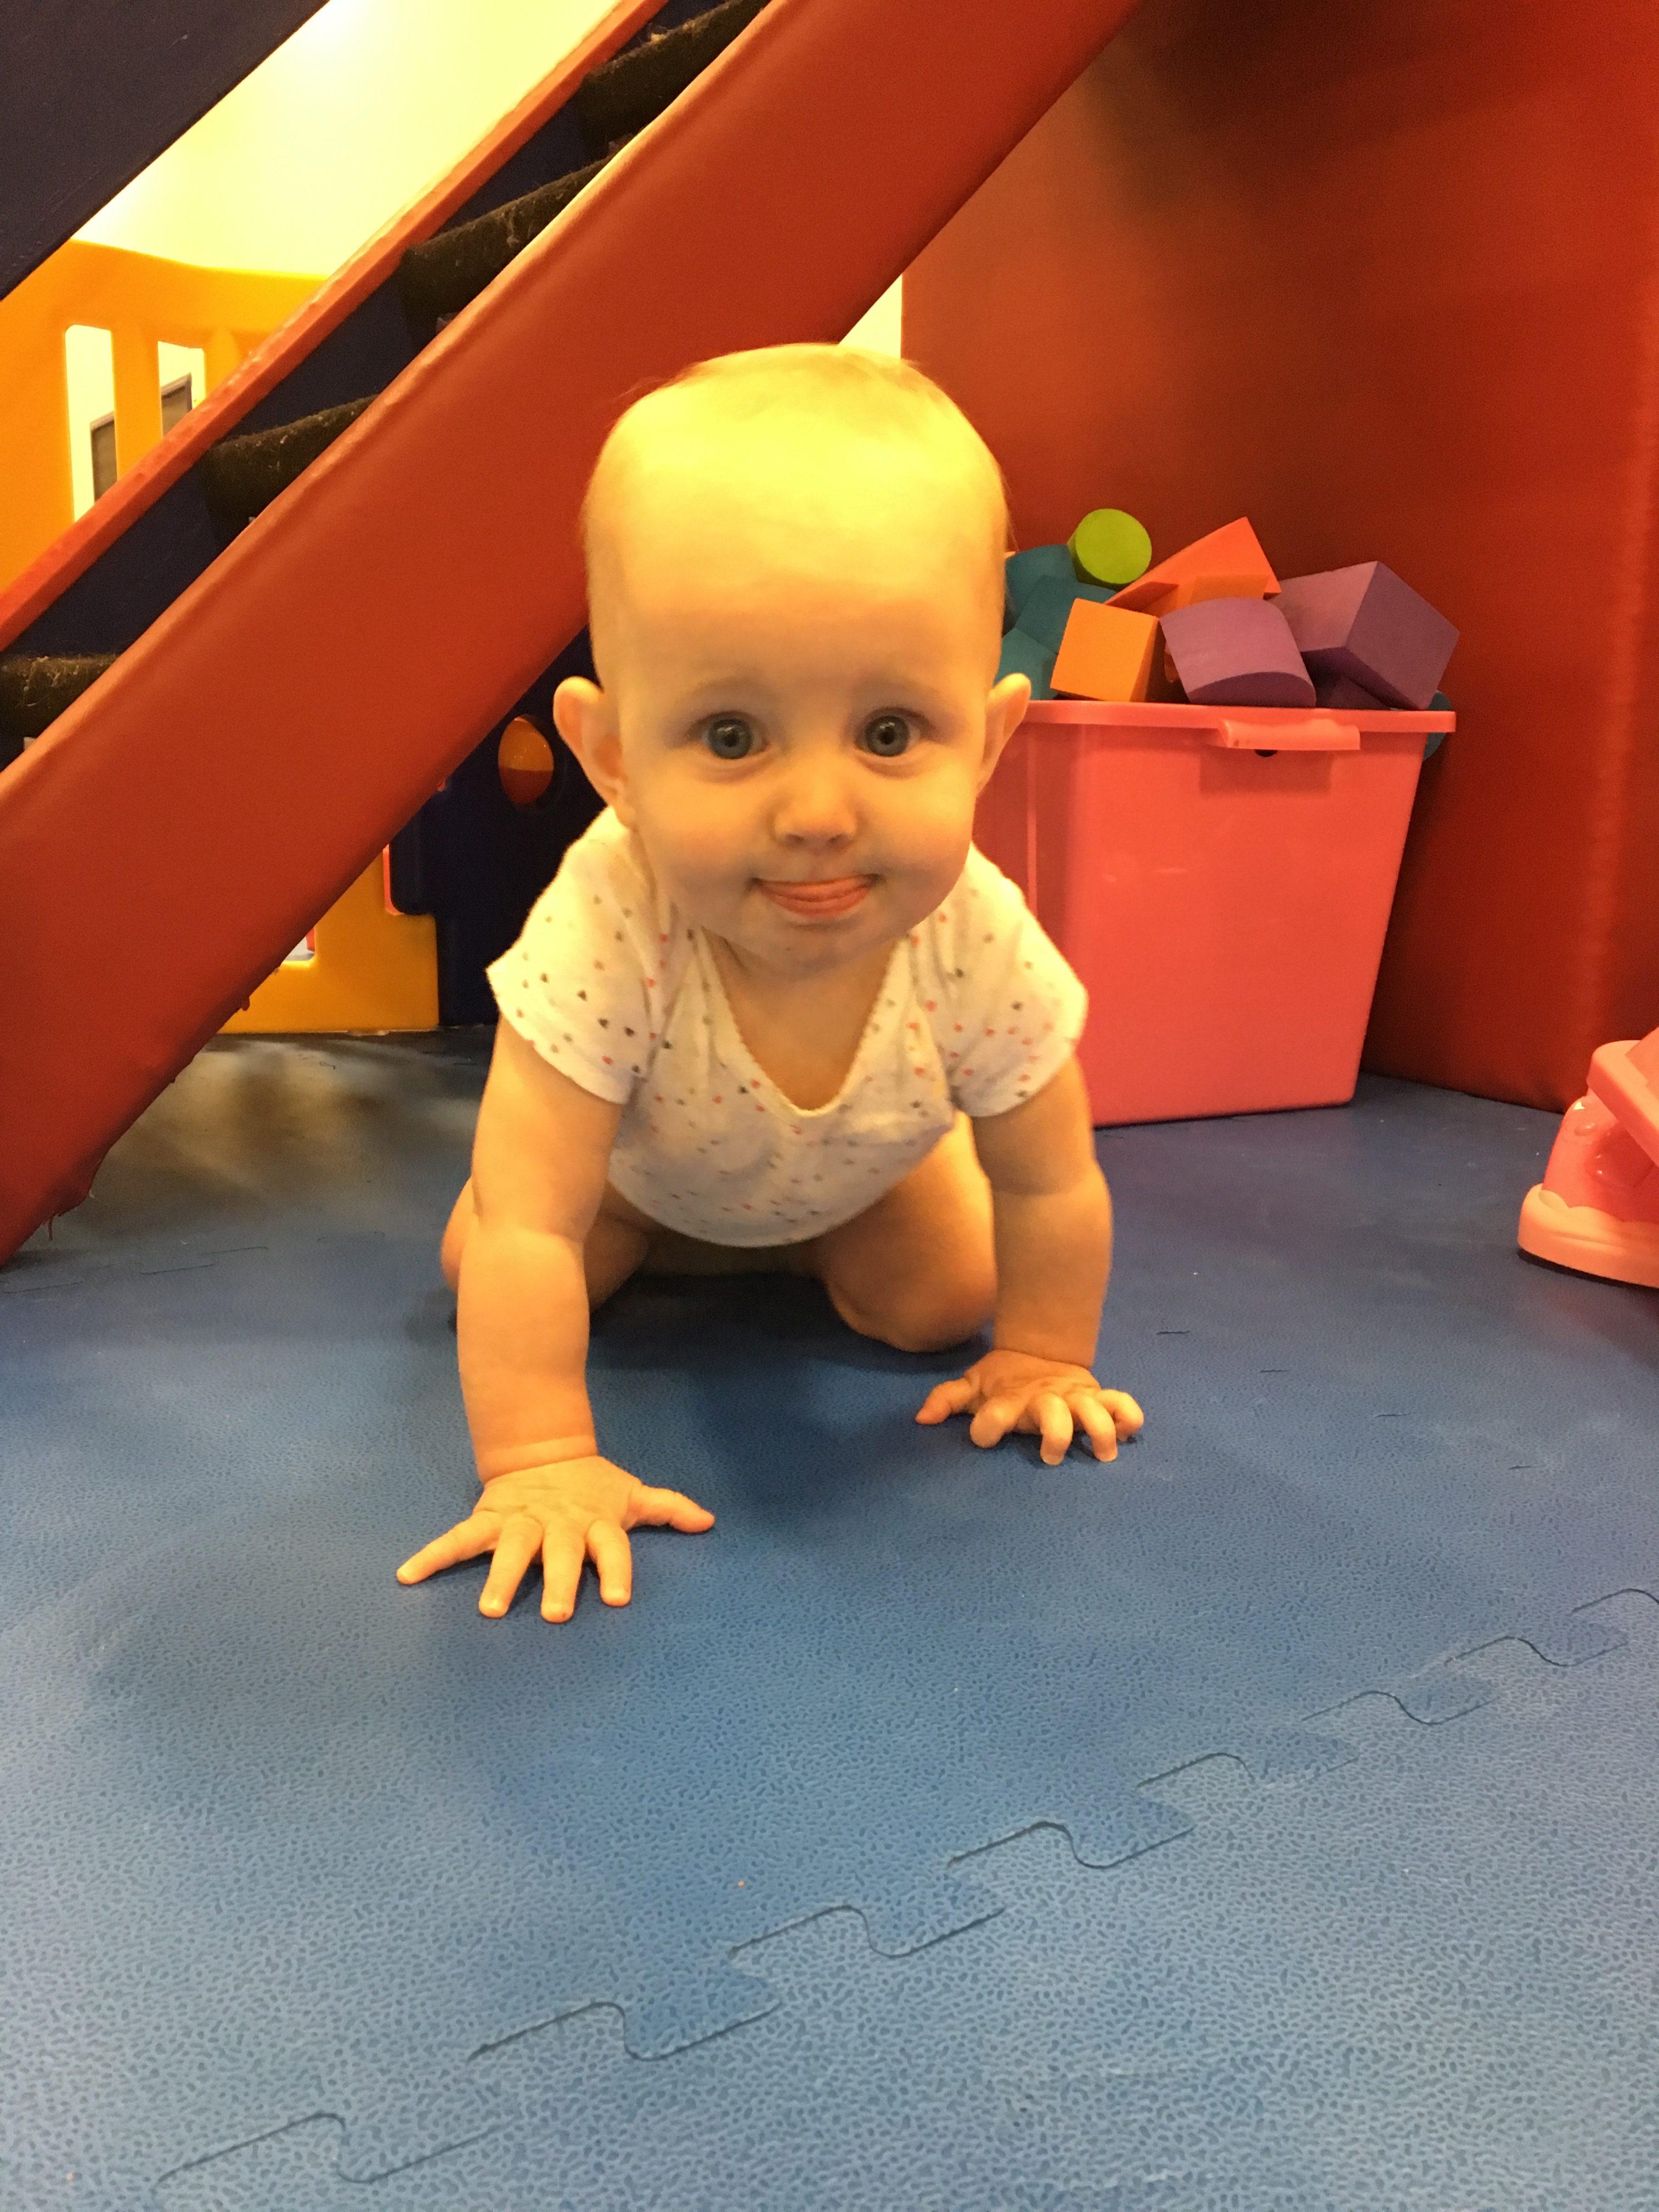 WRTS Jacksonville baby crawling